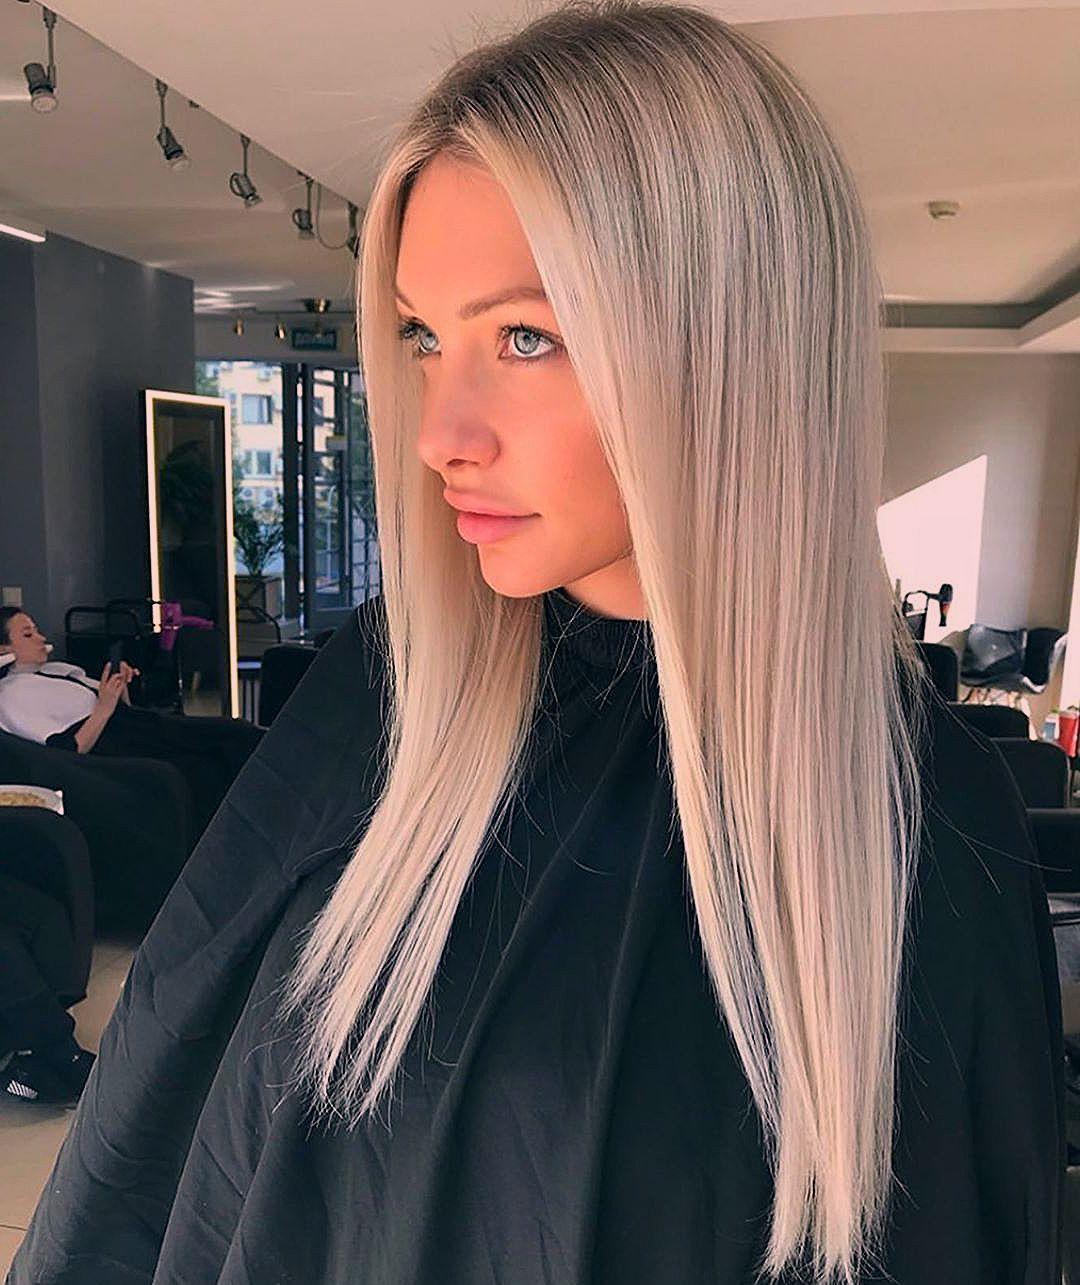 Neuer Trend Fur Die Haare Graue Haare Balayage In 2020 Graue